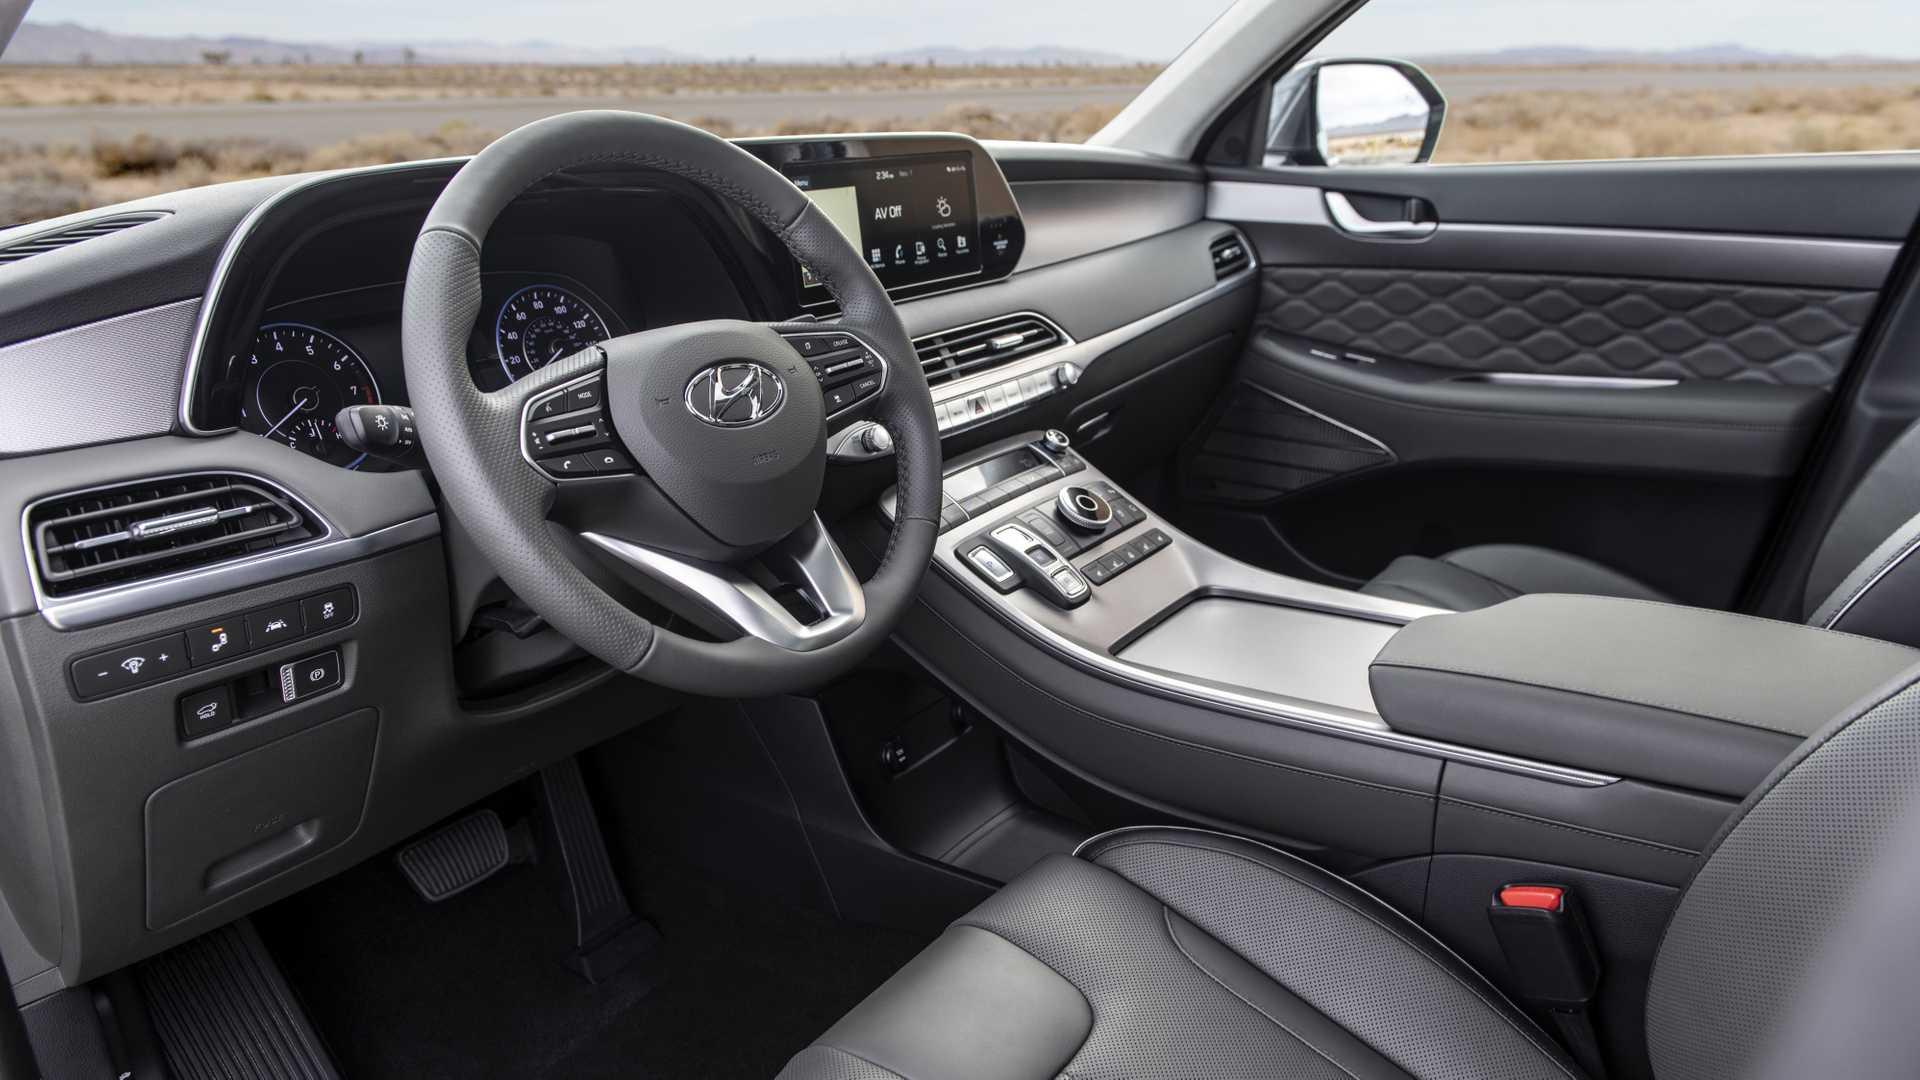 هیوندای پالیسید - Hyundai Palisade